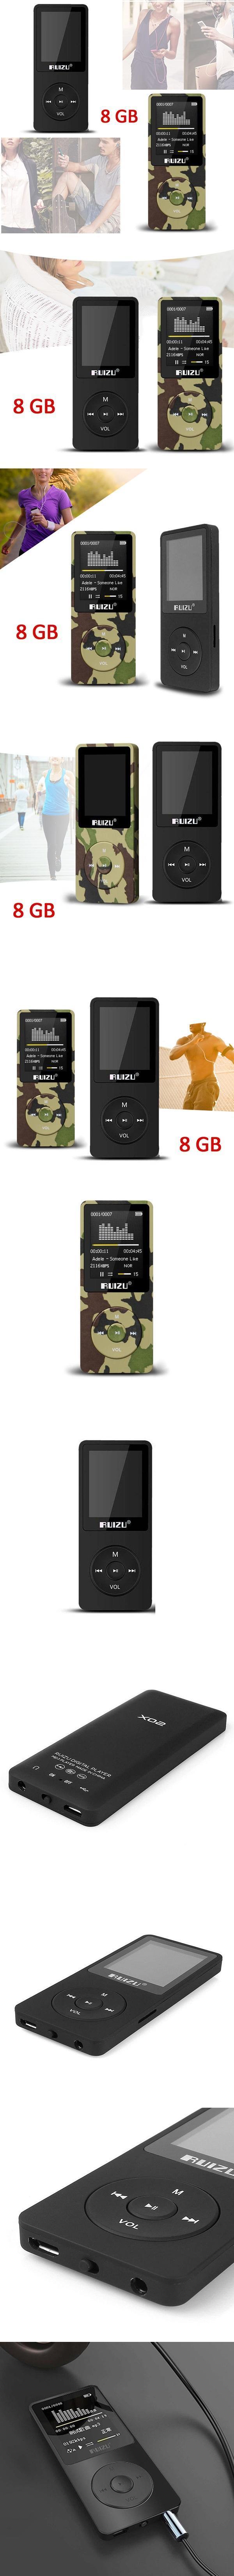 ruizu x06 firmware